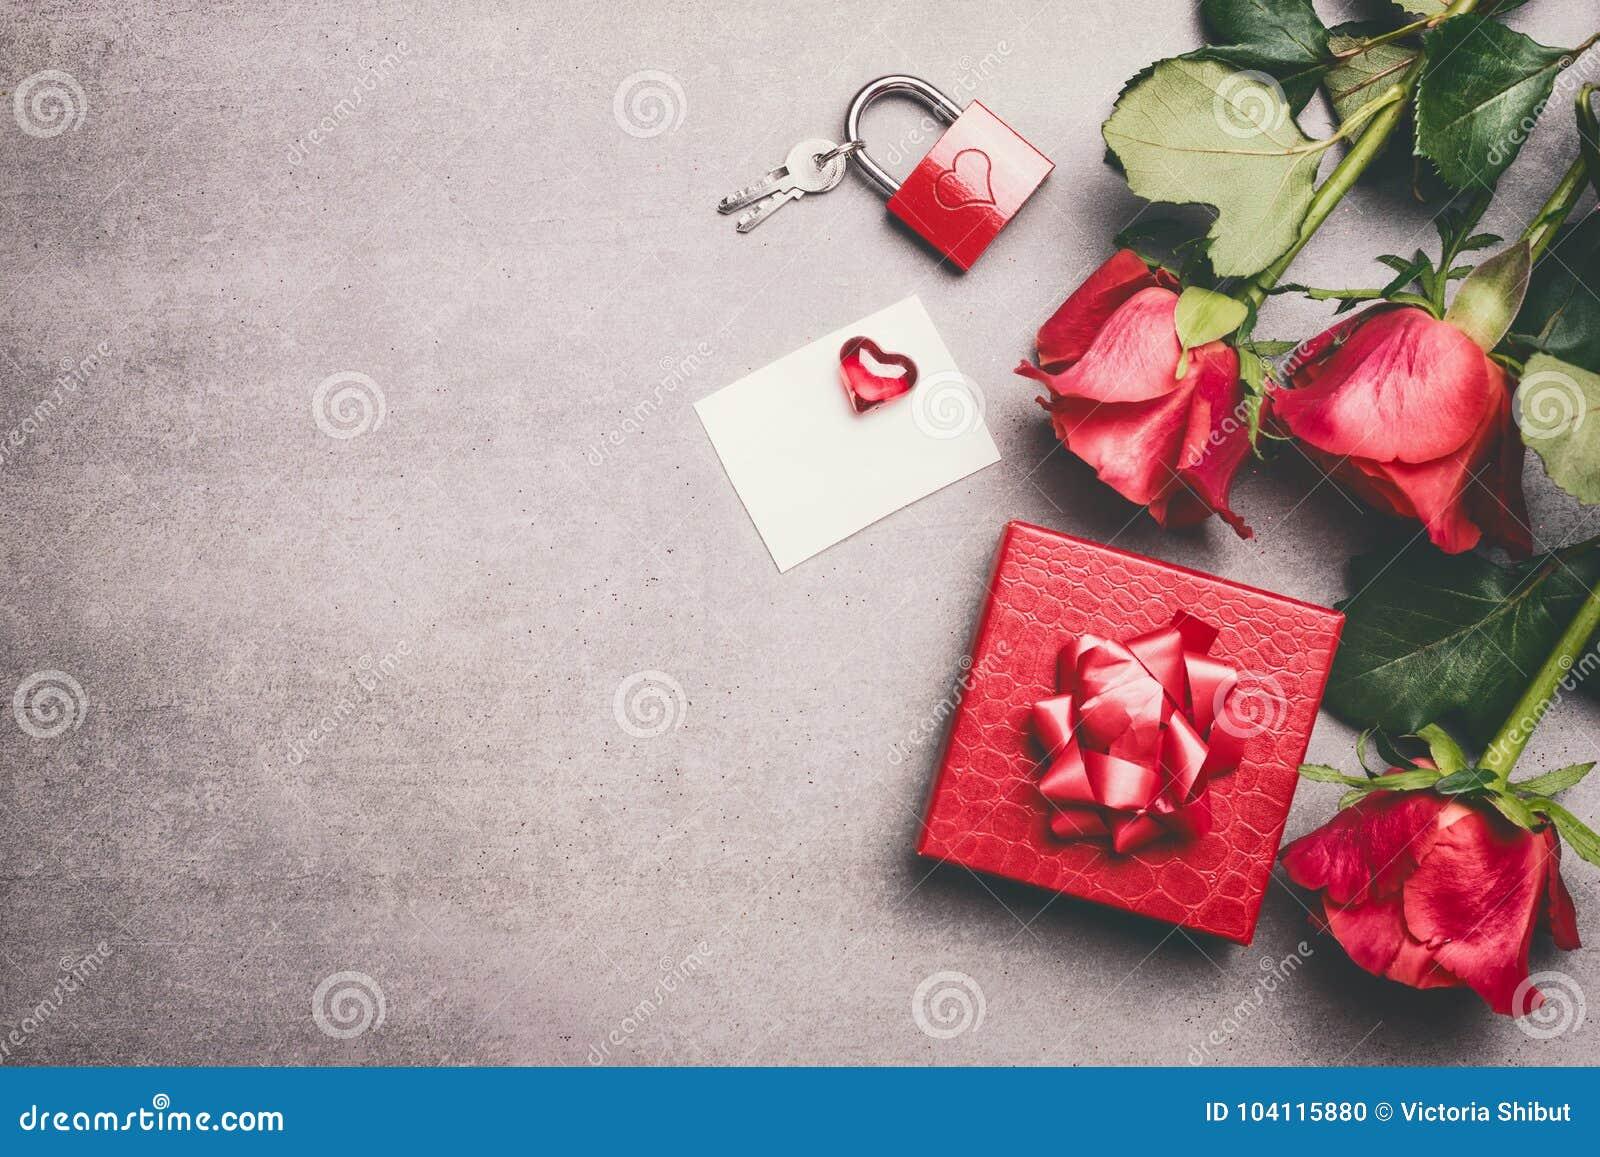 Förlöjliga upp för att hälsa för moderdag, födelsedag eller valentindag Den röda gåvaasken, bandet, rosor samlar ihop, tom vitbok